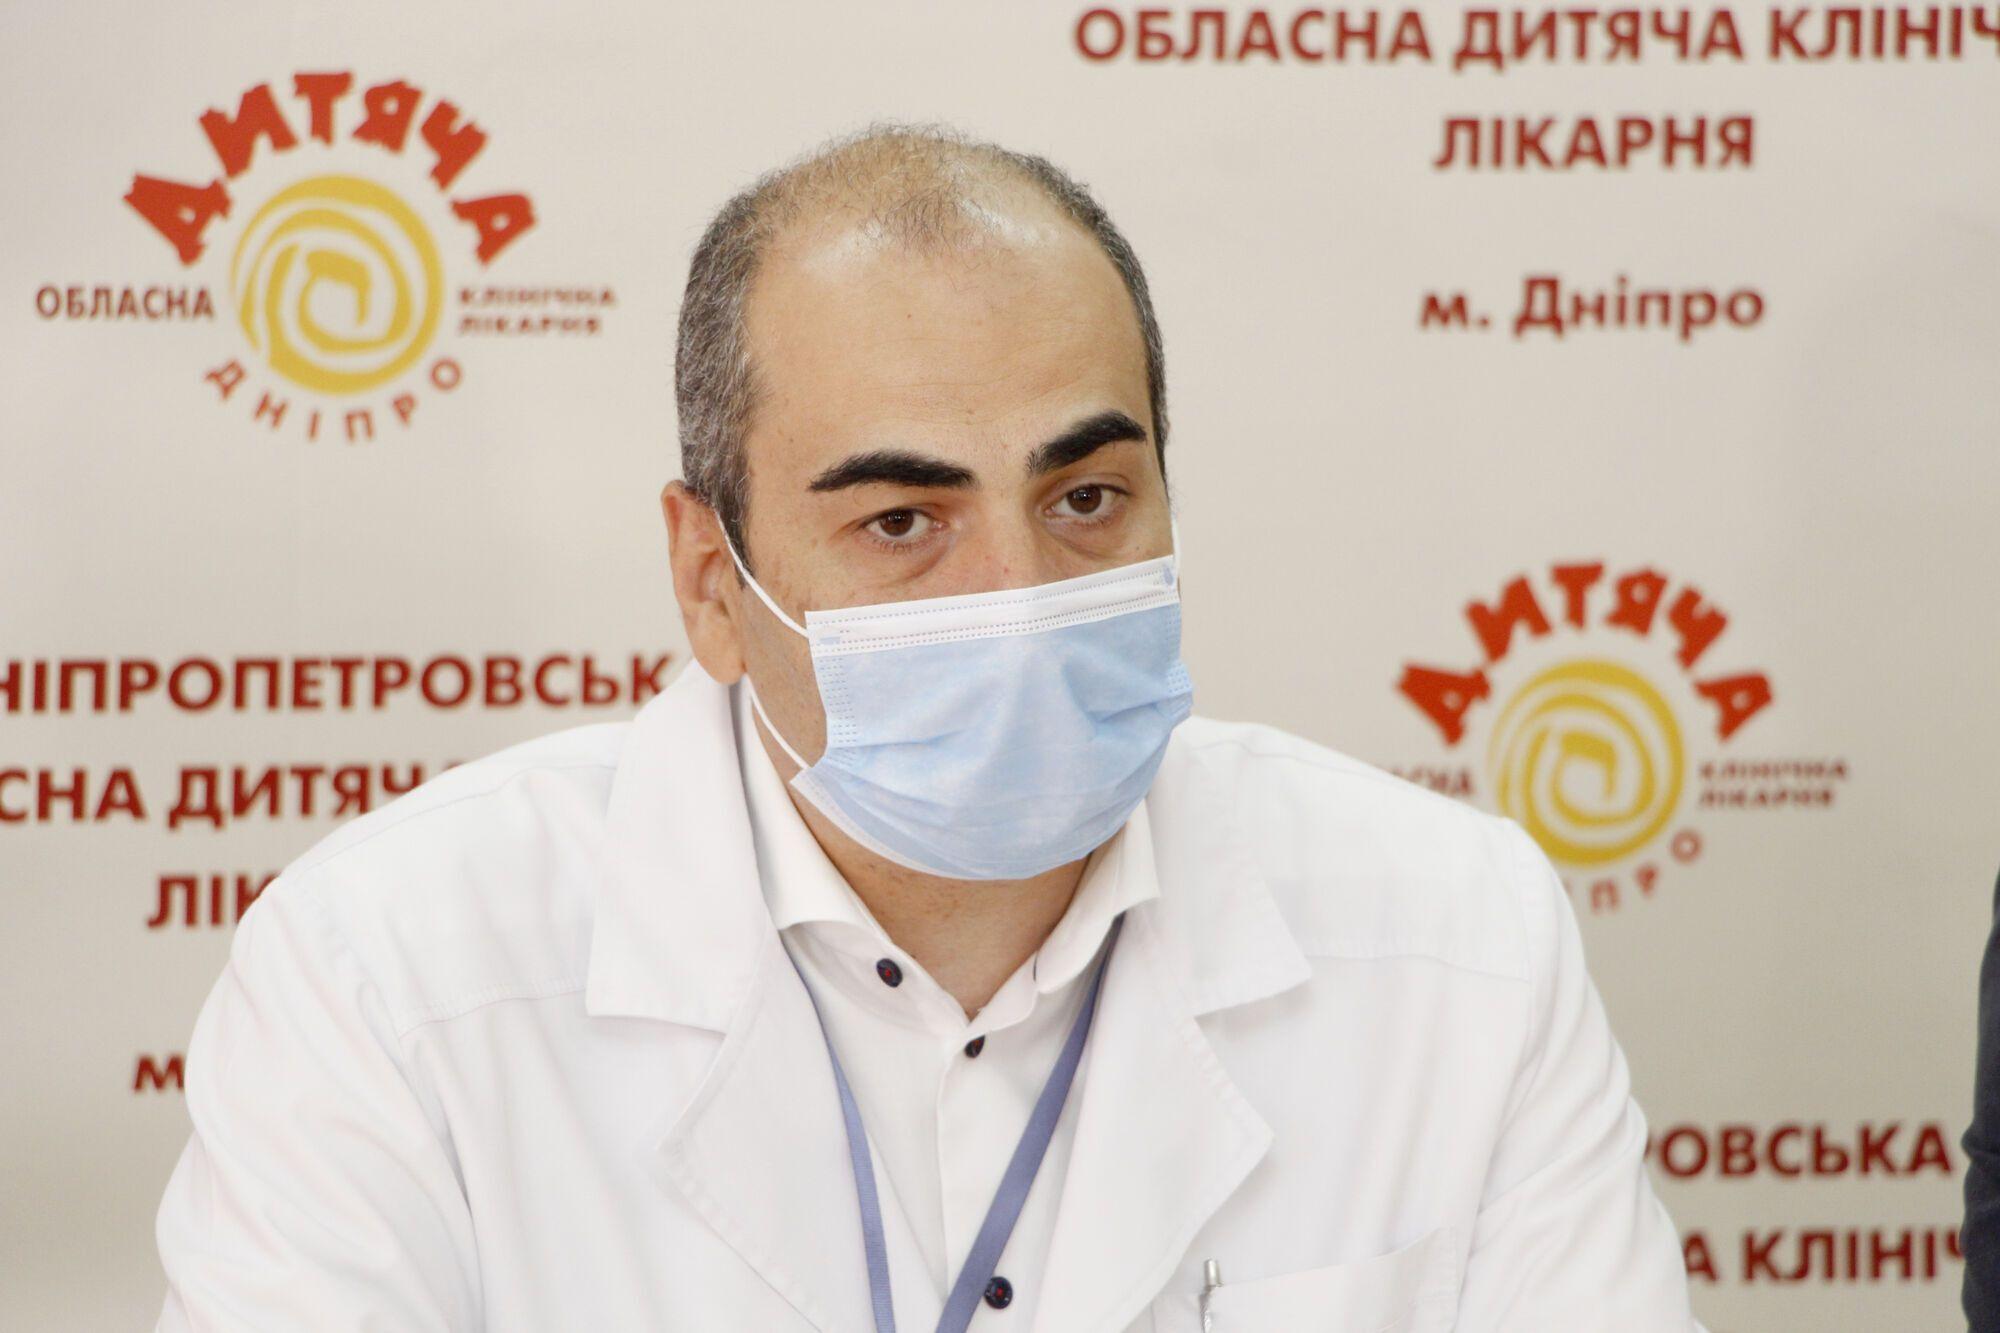 Генеральный директор областной детской клинической больницы Алексей Власов